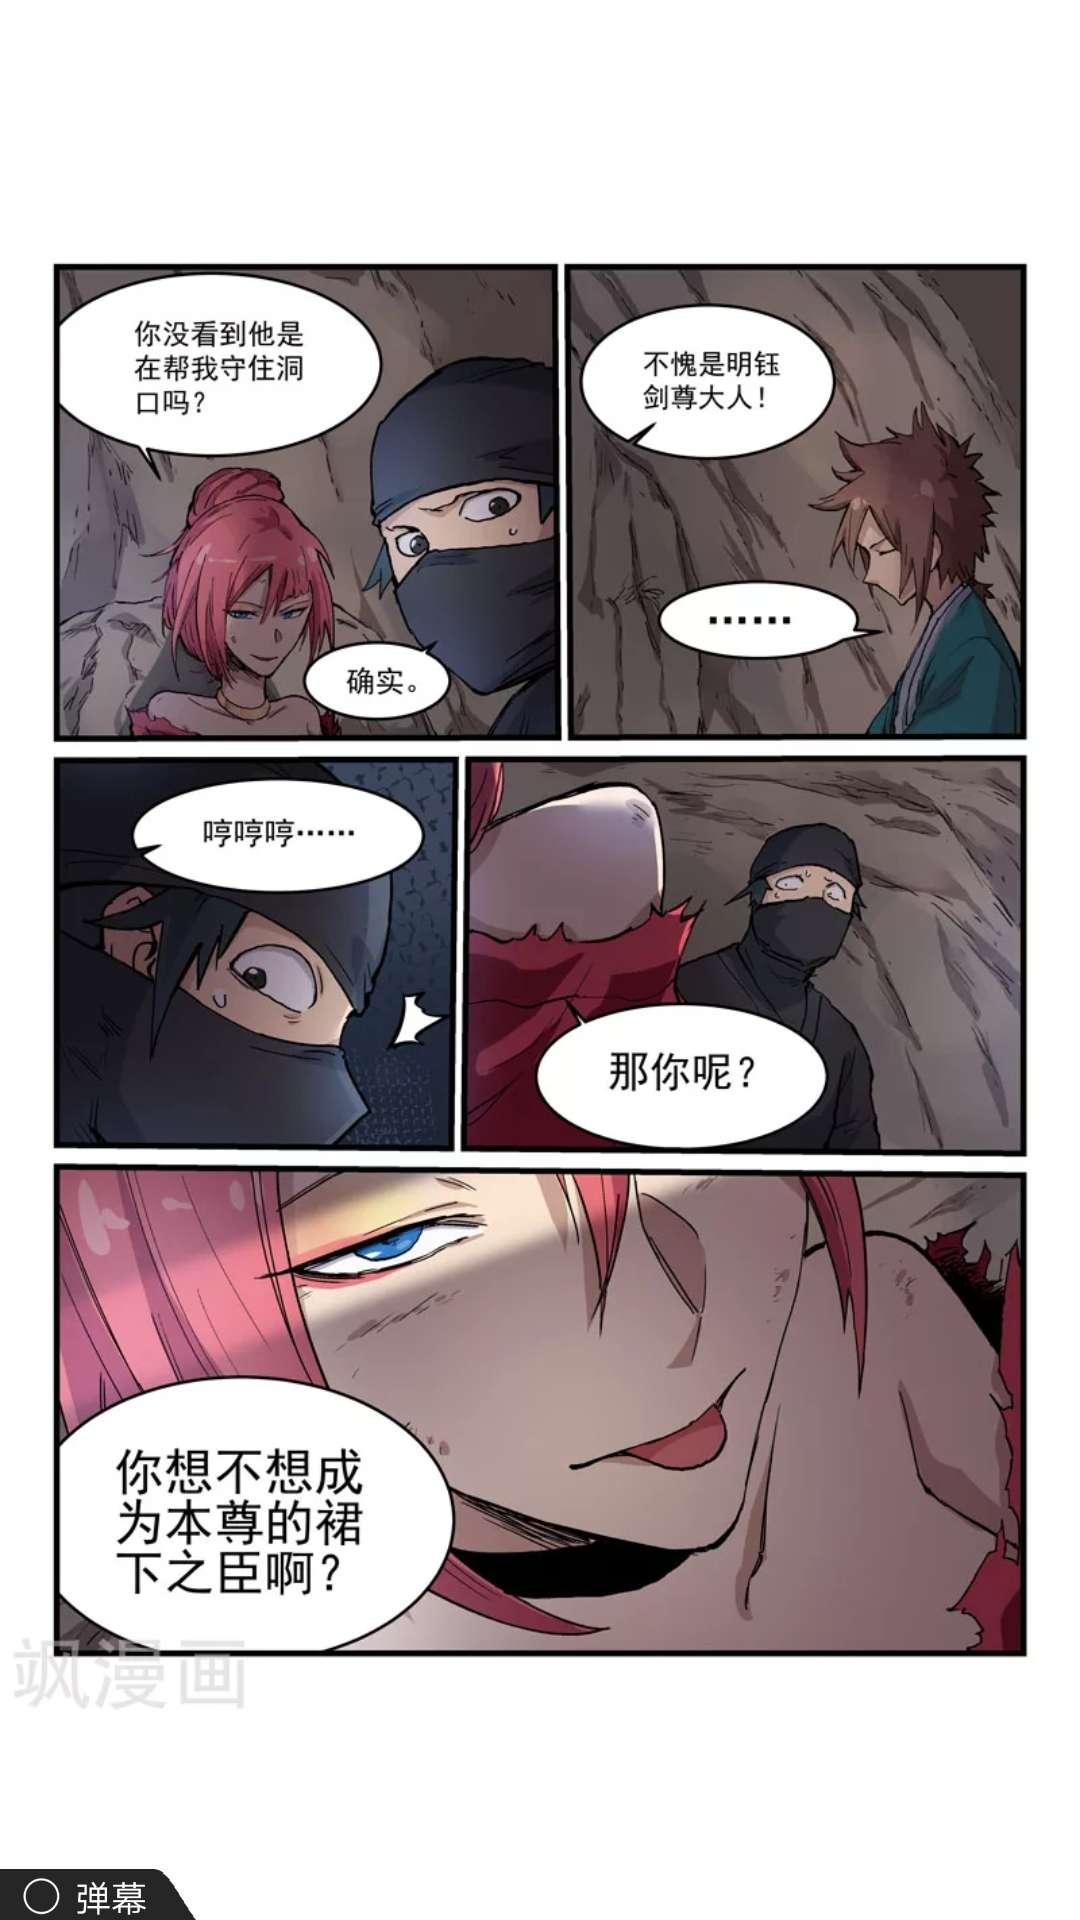 【漫画更新】星武神决*